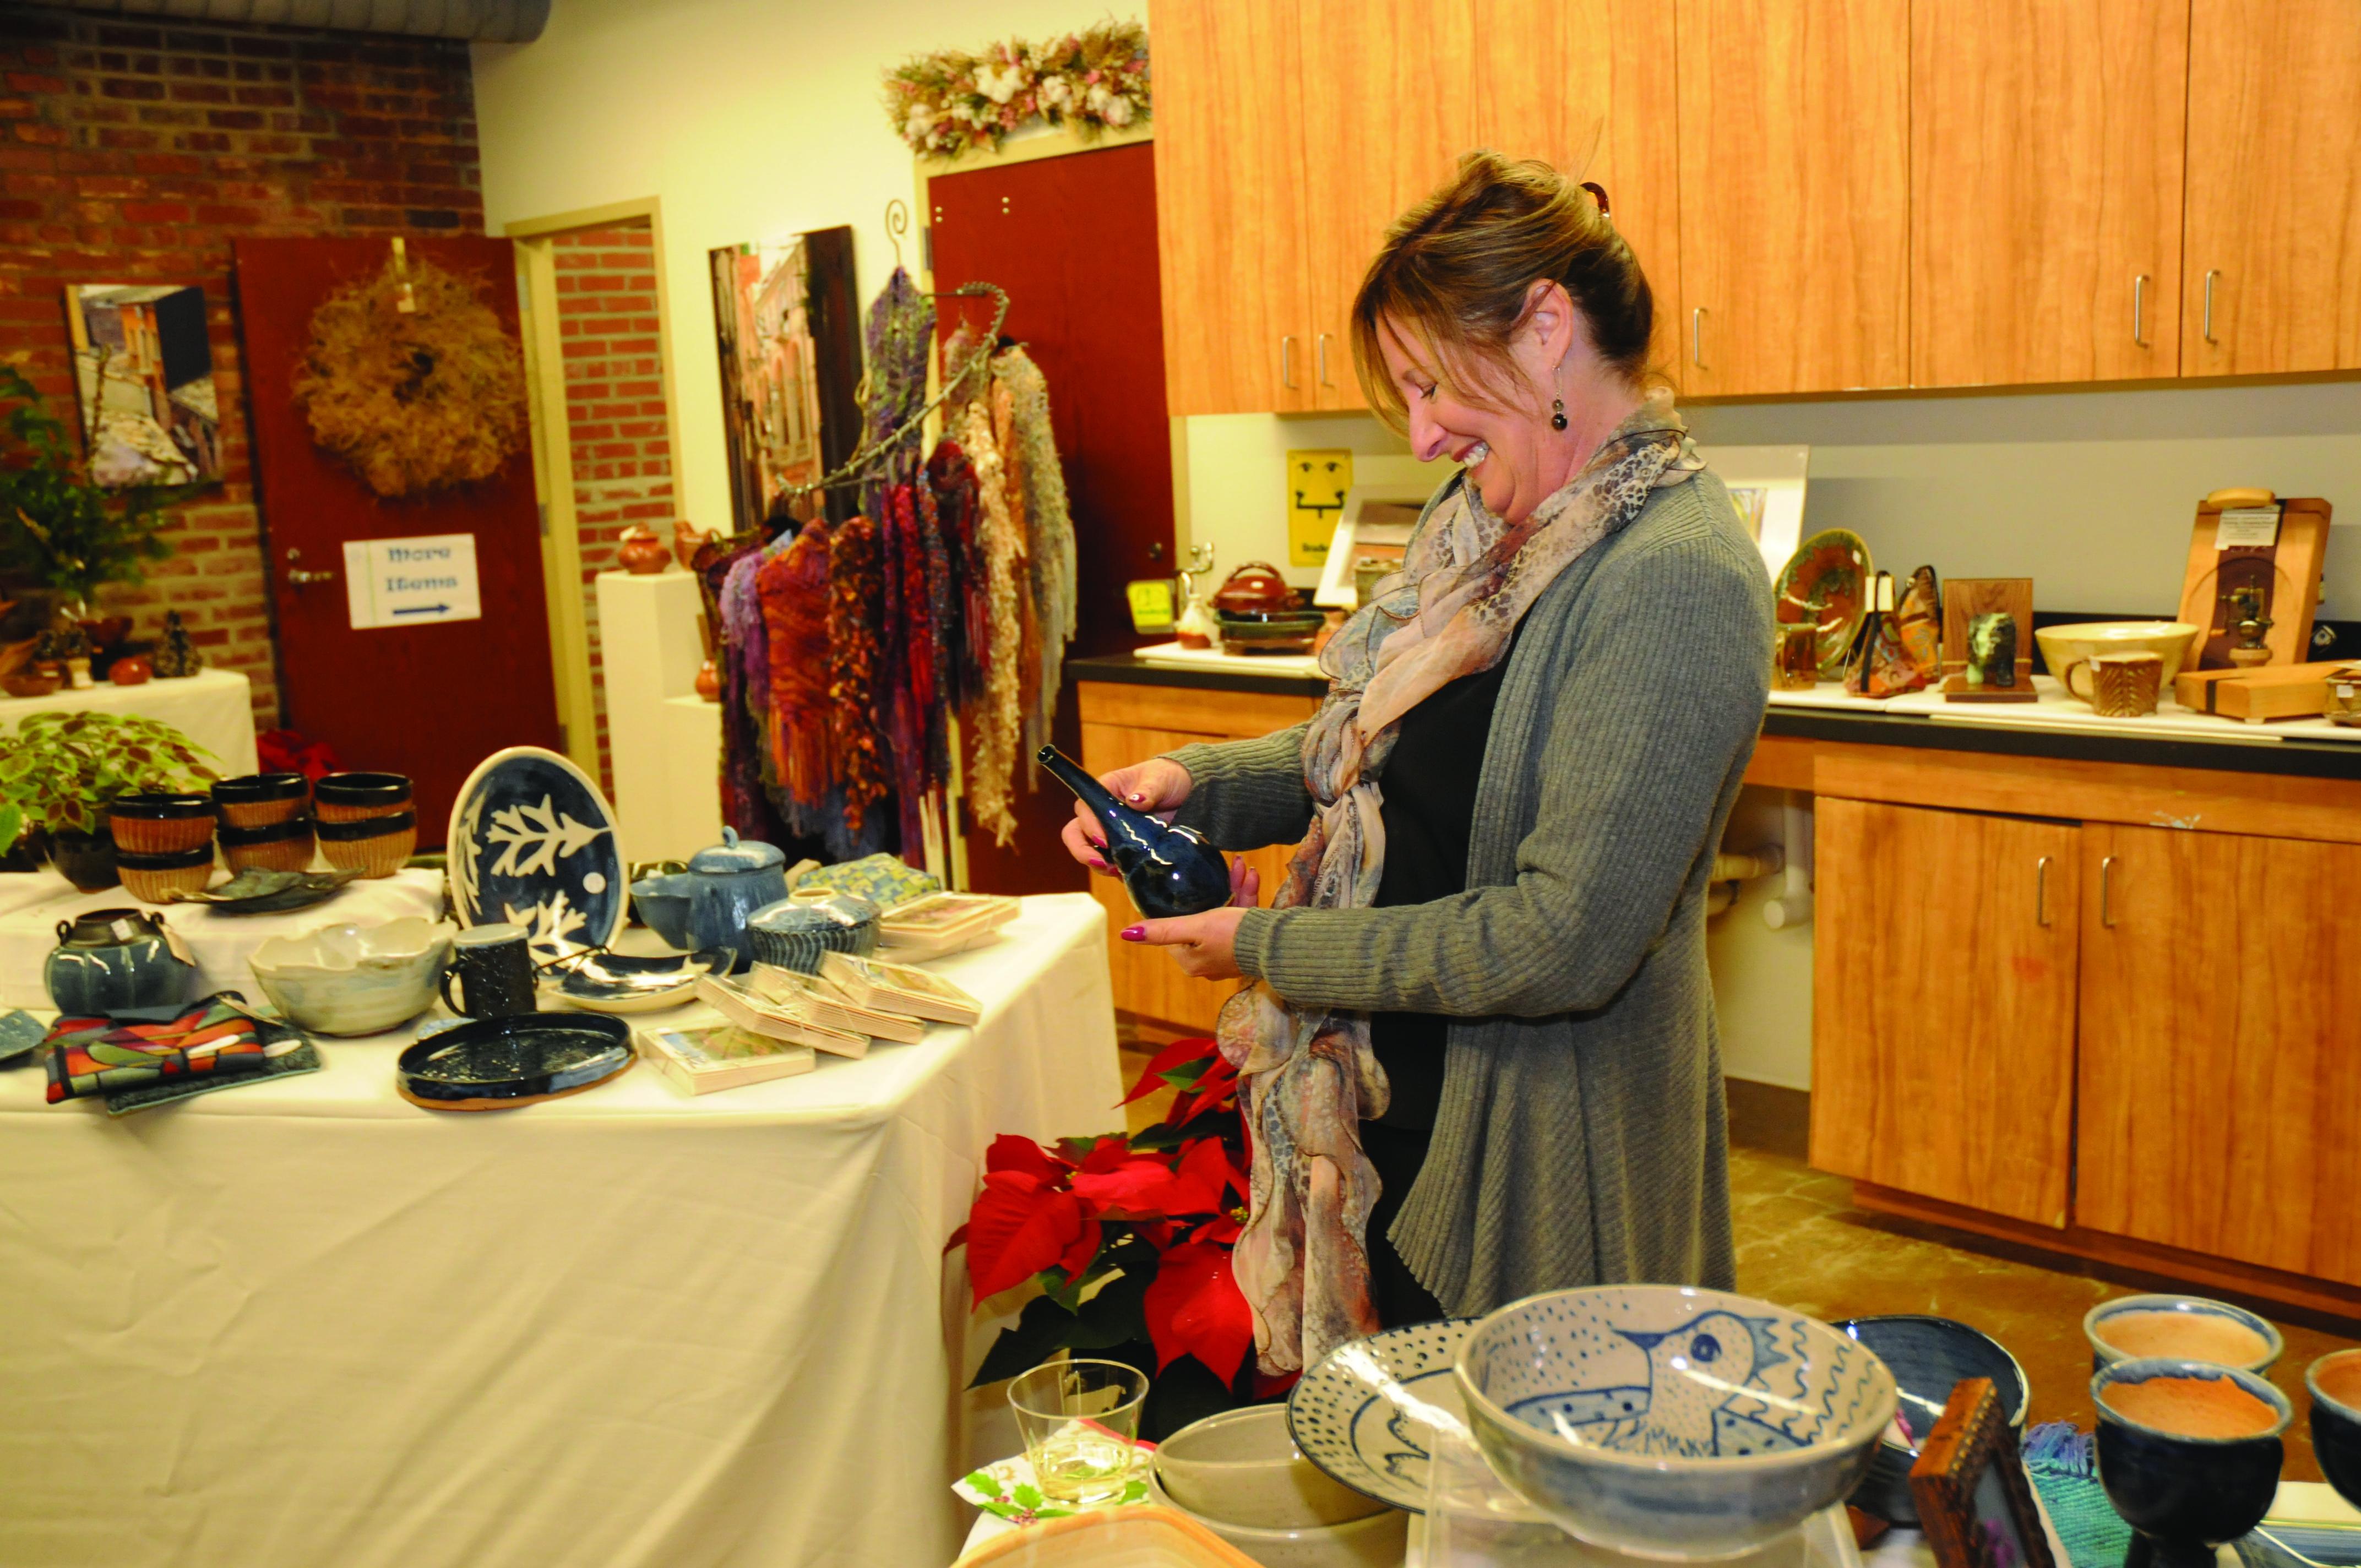 Sawtooth-DecktheHalls-pottery-shopper